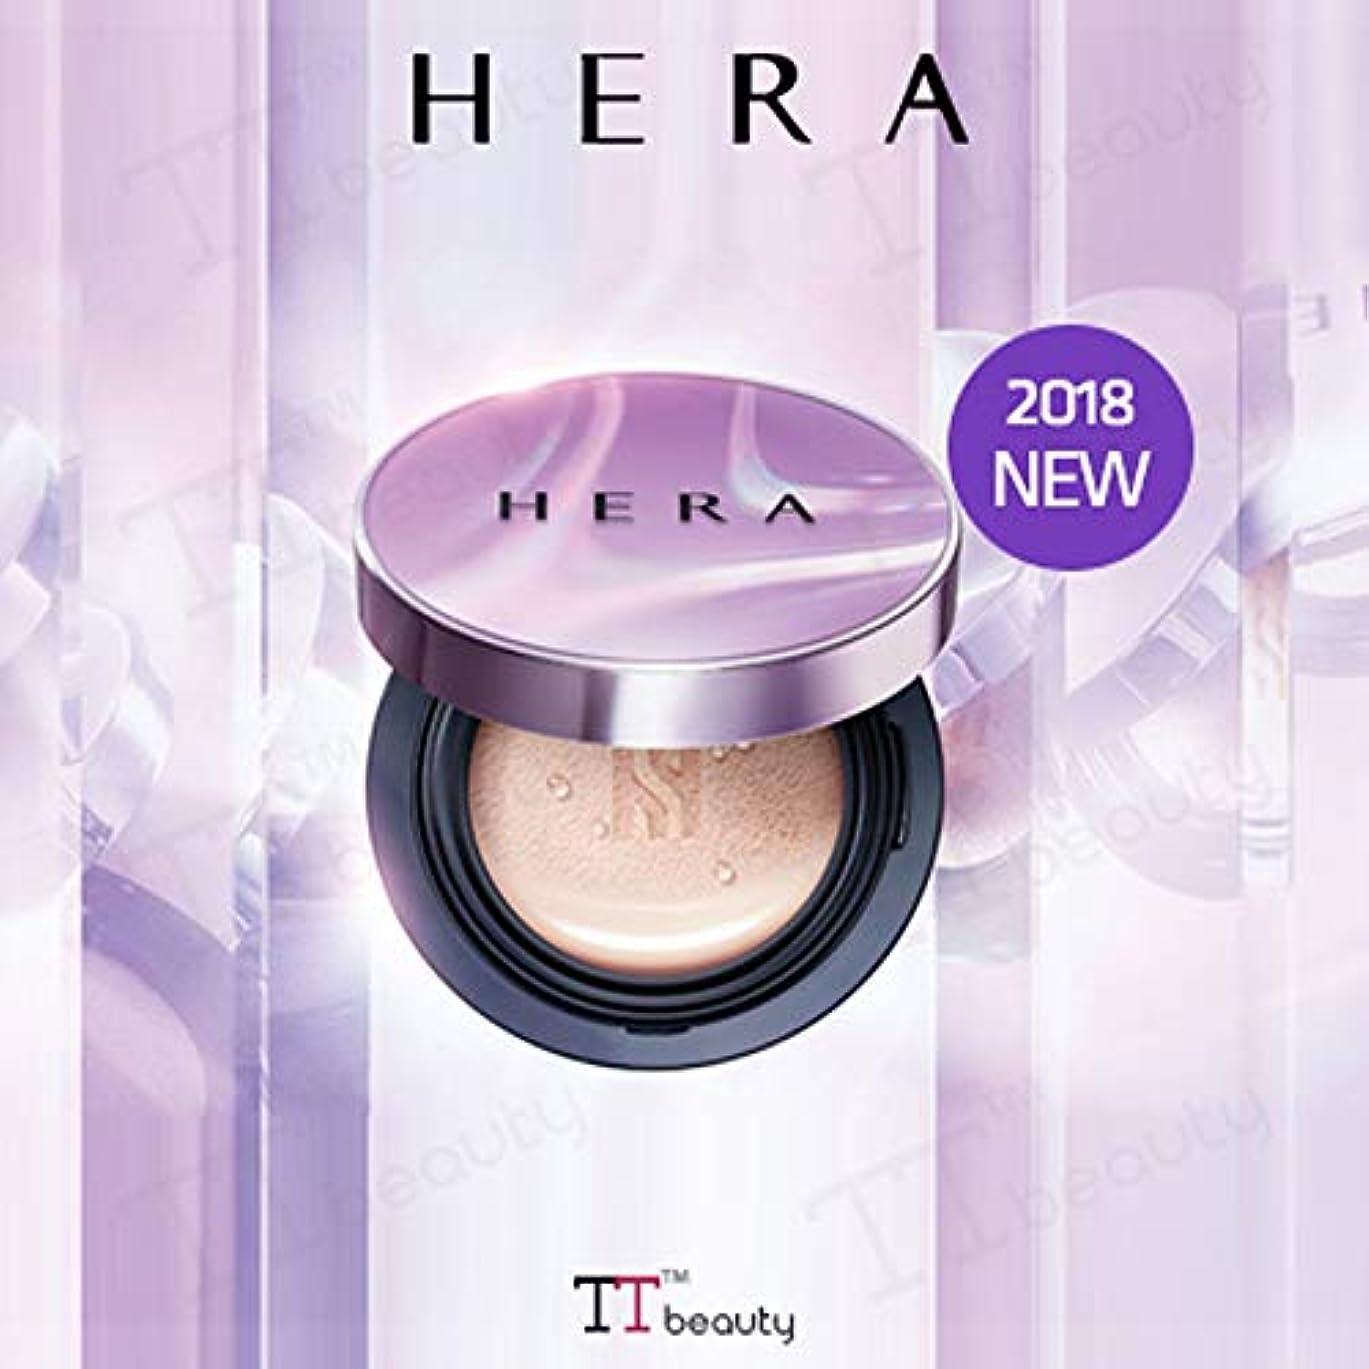 仕事二週間永久に[HERA/ヘラ]UVミストクッションカバー(15gx2)/UV MIST CUSHION COVER SPF50+/PA+++[2018新発売][TTBEAUTY][韓国コスメ] (No.C15-Rose Ivory...